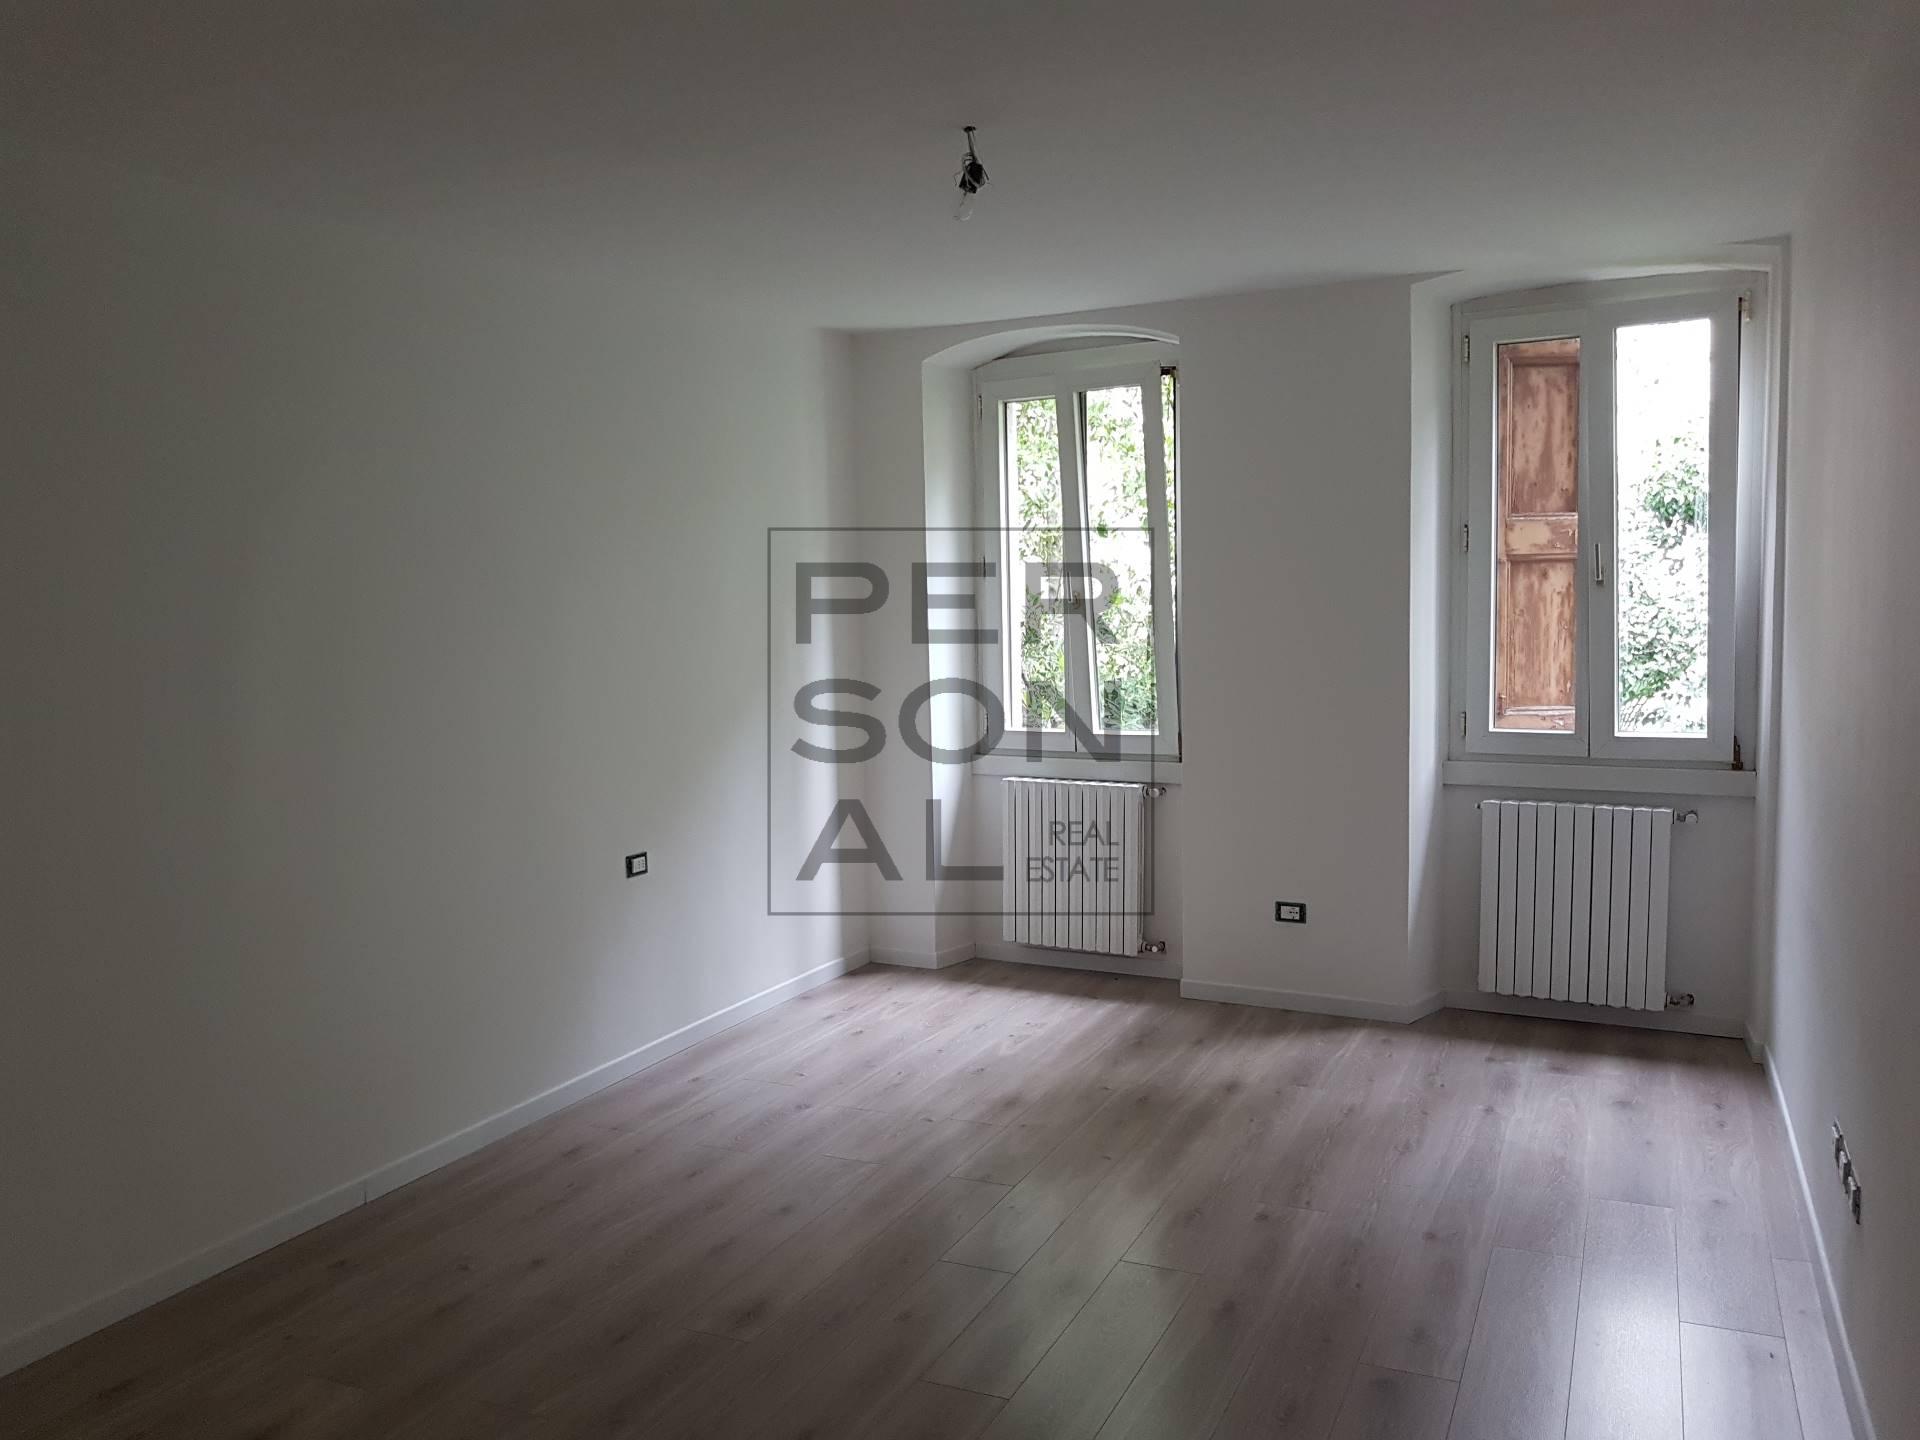 Appartamento in affitto a Rovereto, 5 locali, prezzo € 300 | CambioCasa.it